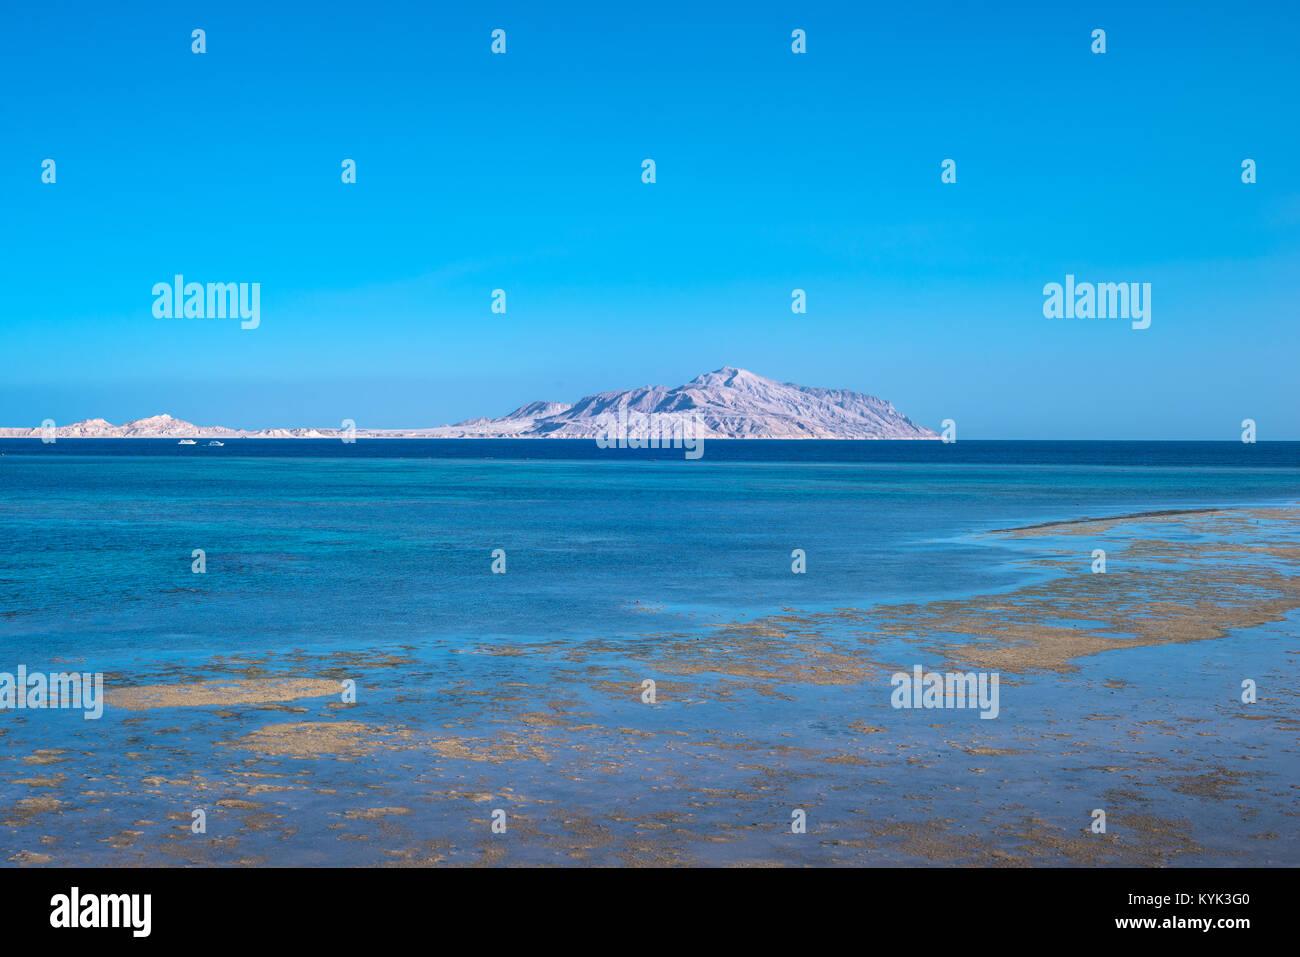 Blick auf die Insel Tiran vom Roten Meer Stockbild